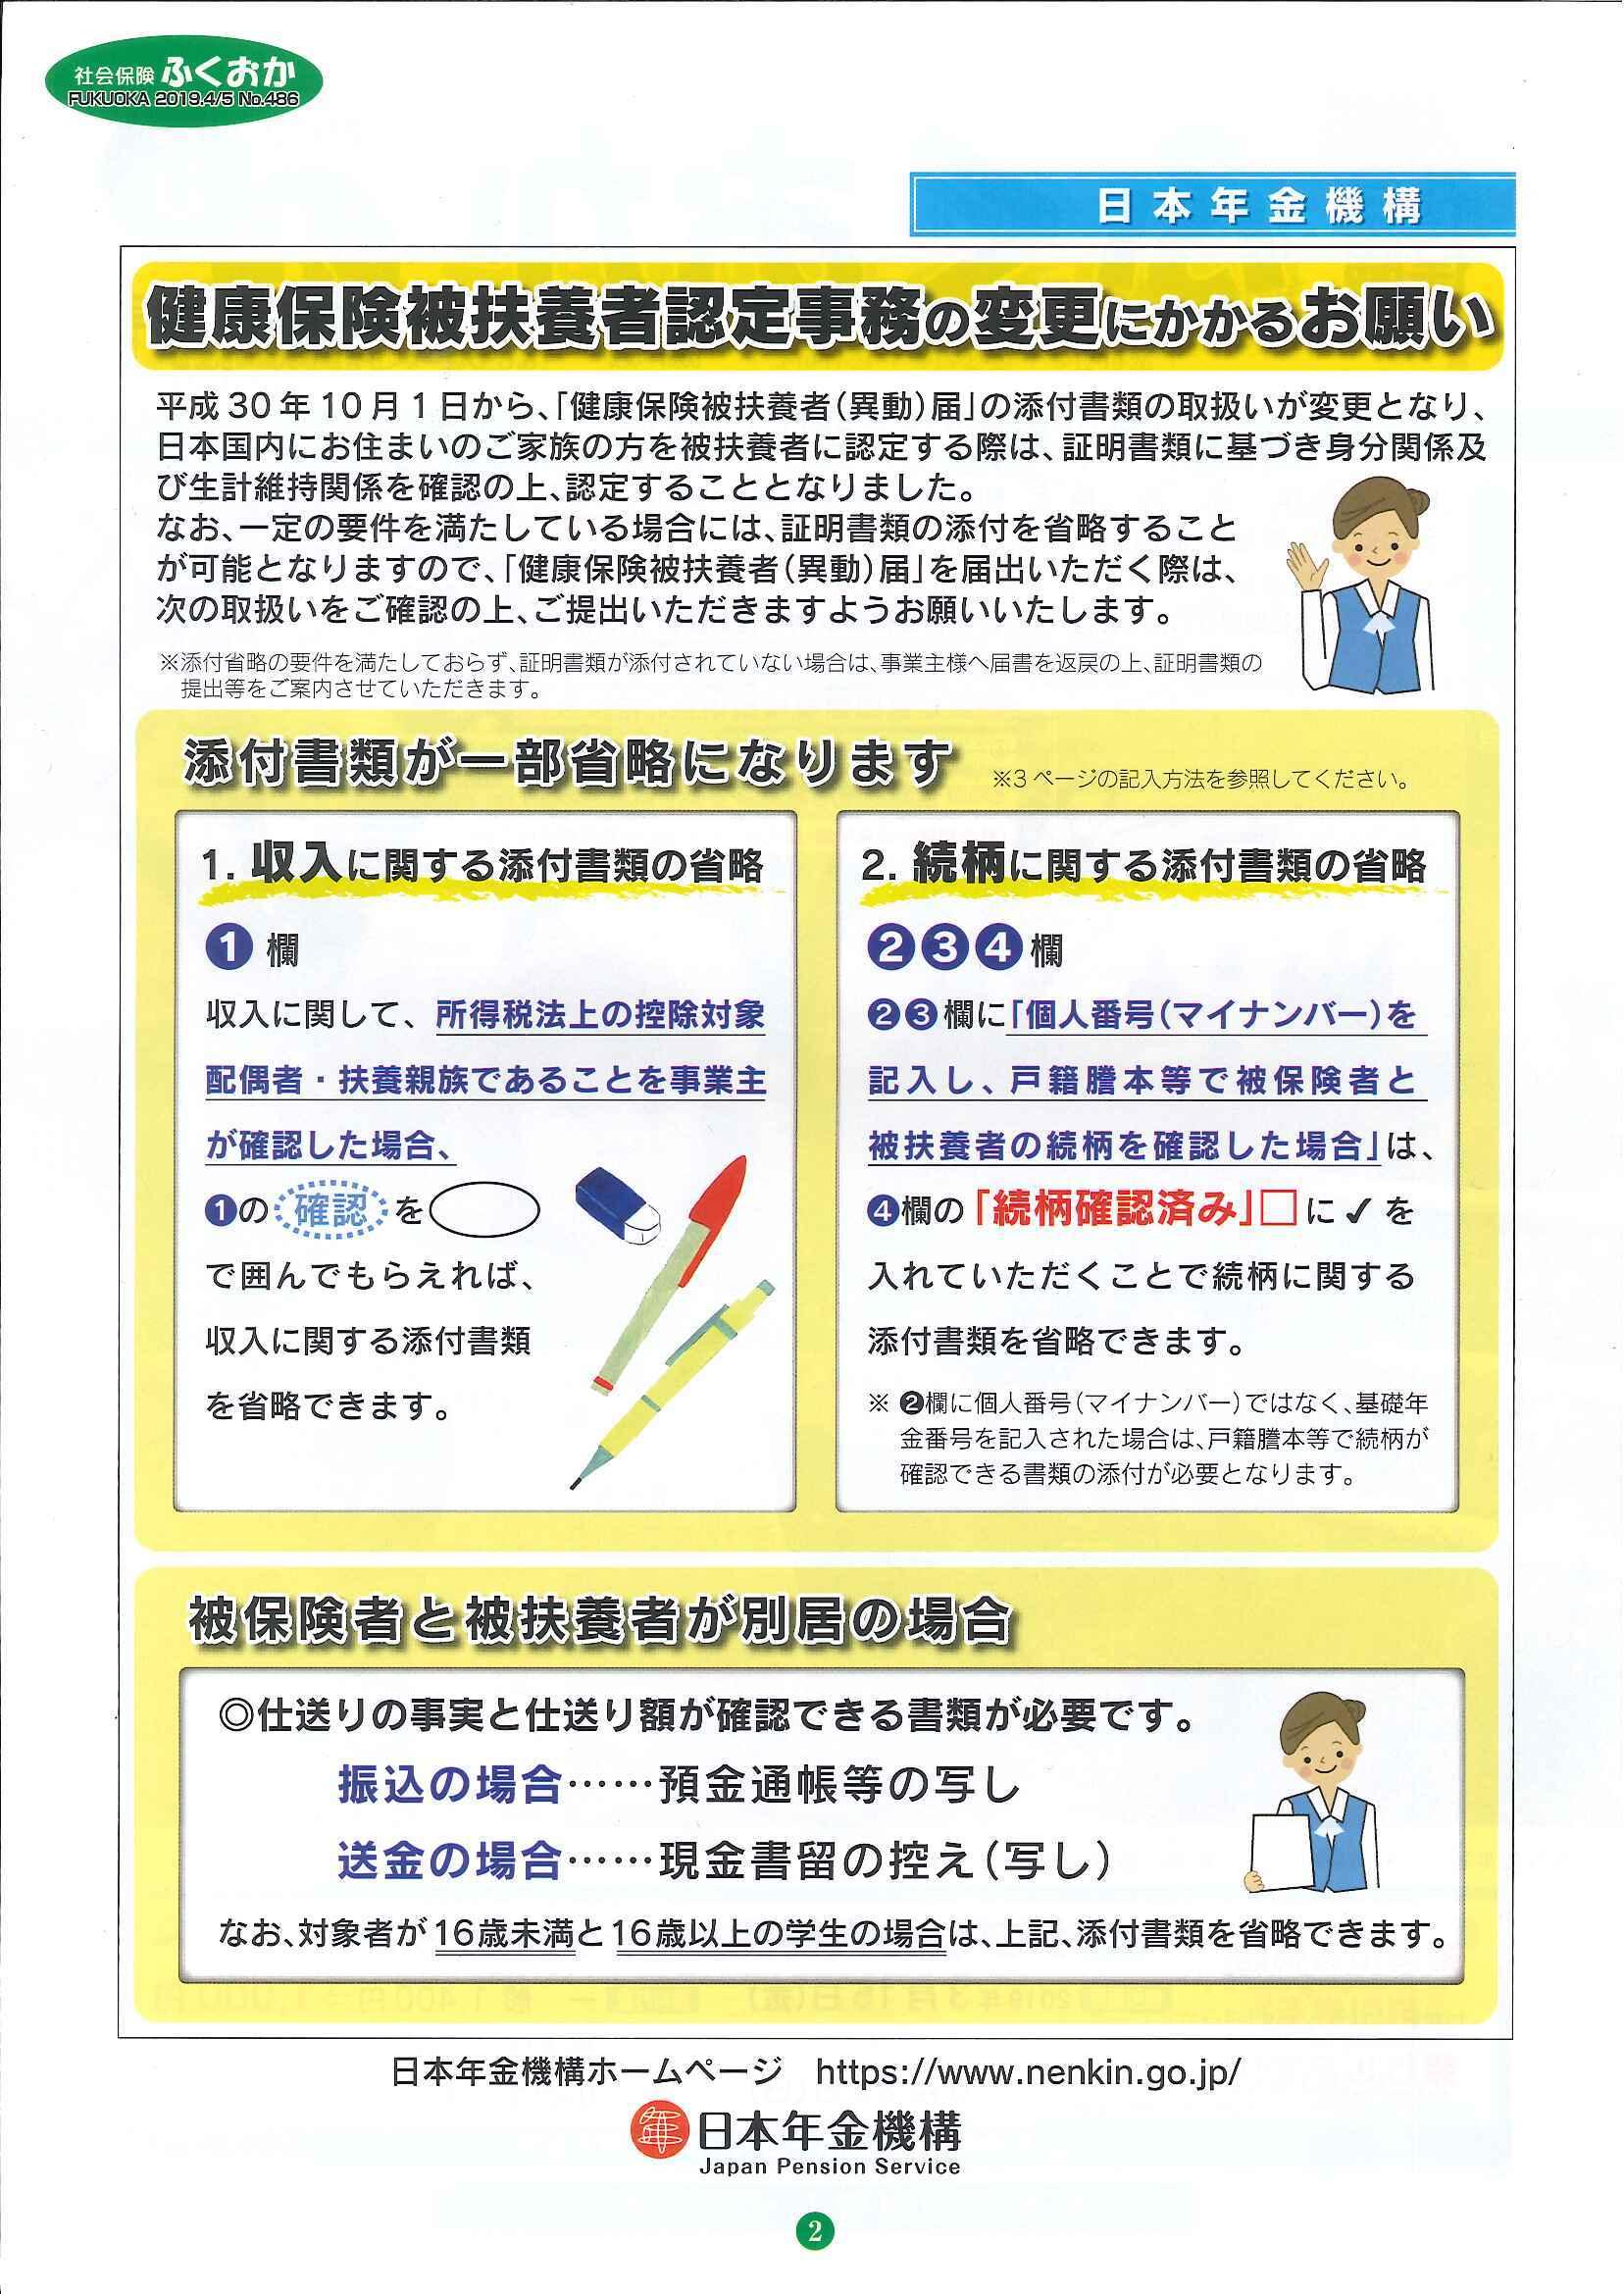 社会保険 ふくおか 2019年4・5月号_f0120774_15074307.jpg